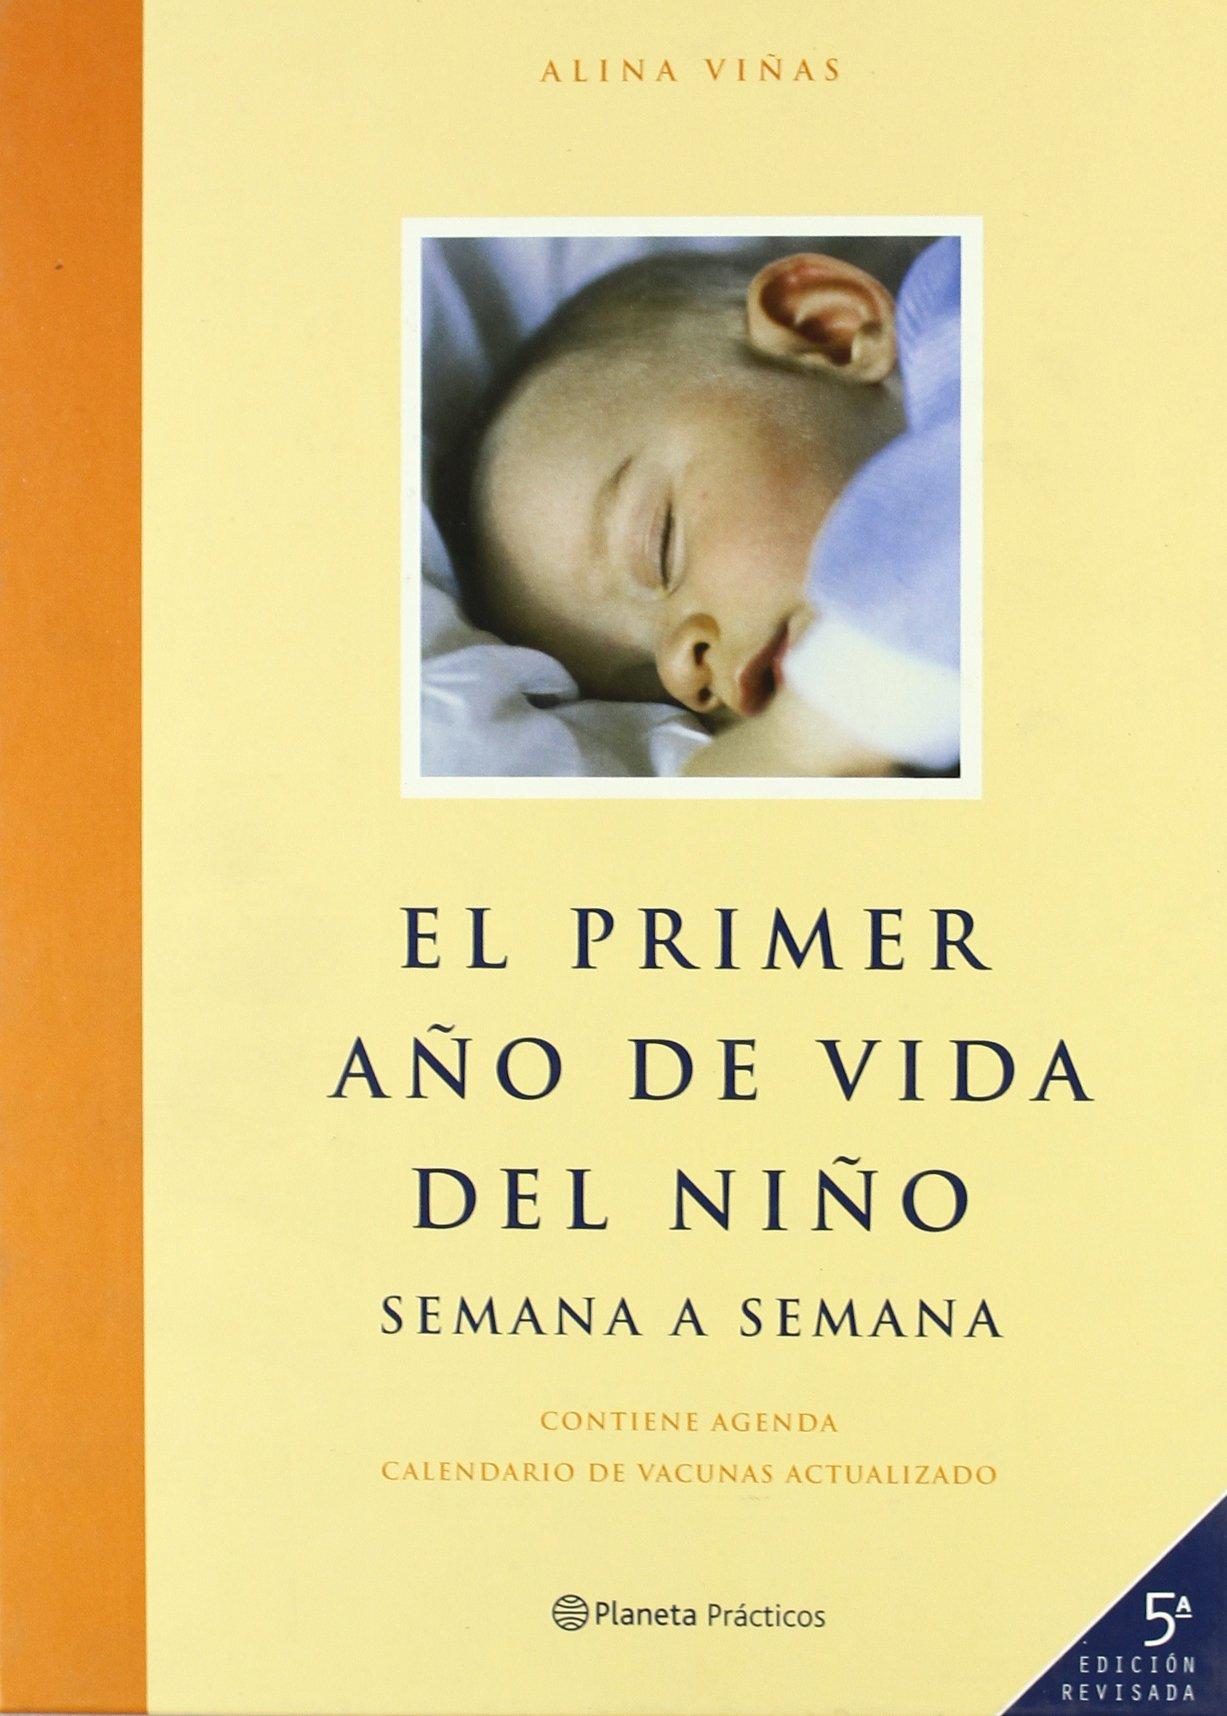 Primer año de vida del niño (rev.): Amazon.es: Alina Viñas ...